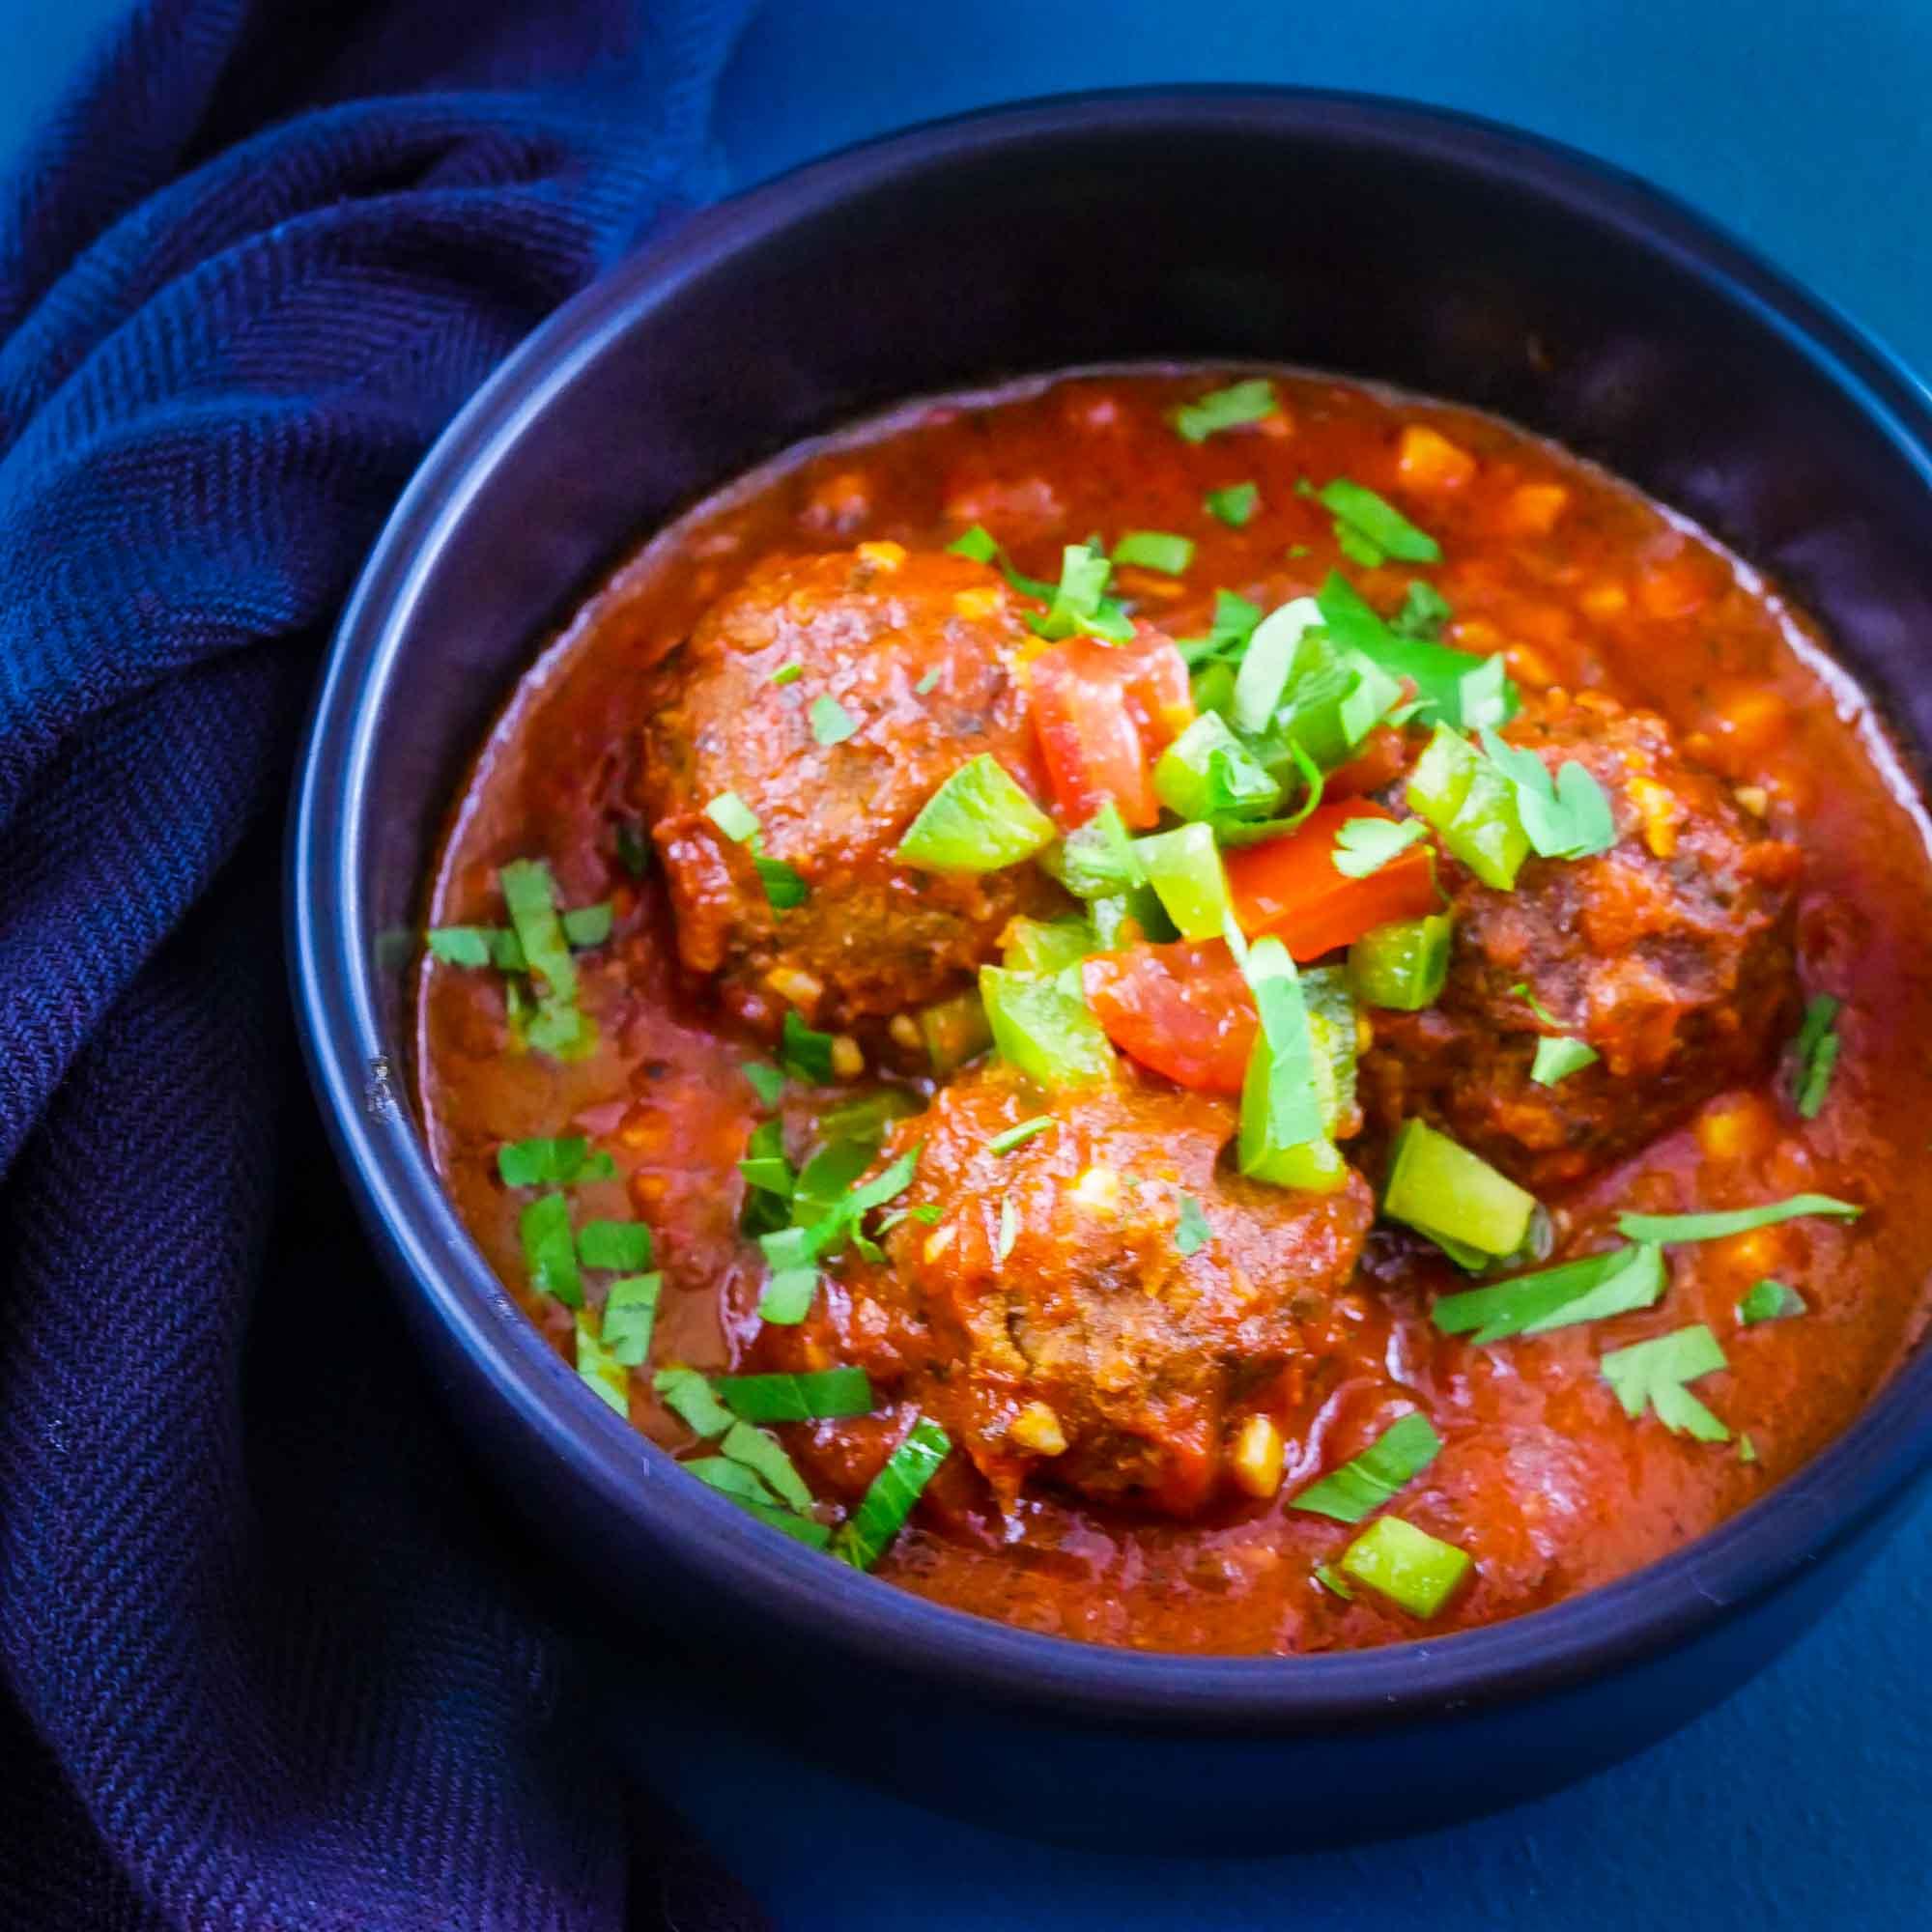 Boulettes de lentilles cumin, sauce tomate et salsa - la cerise sur le maillot